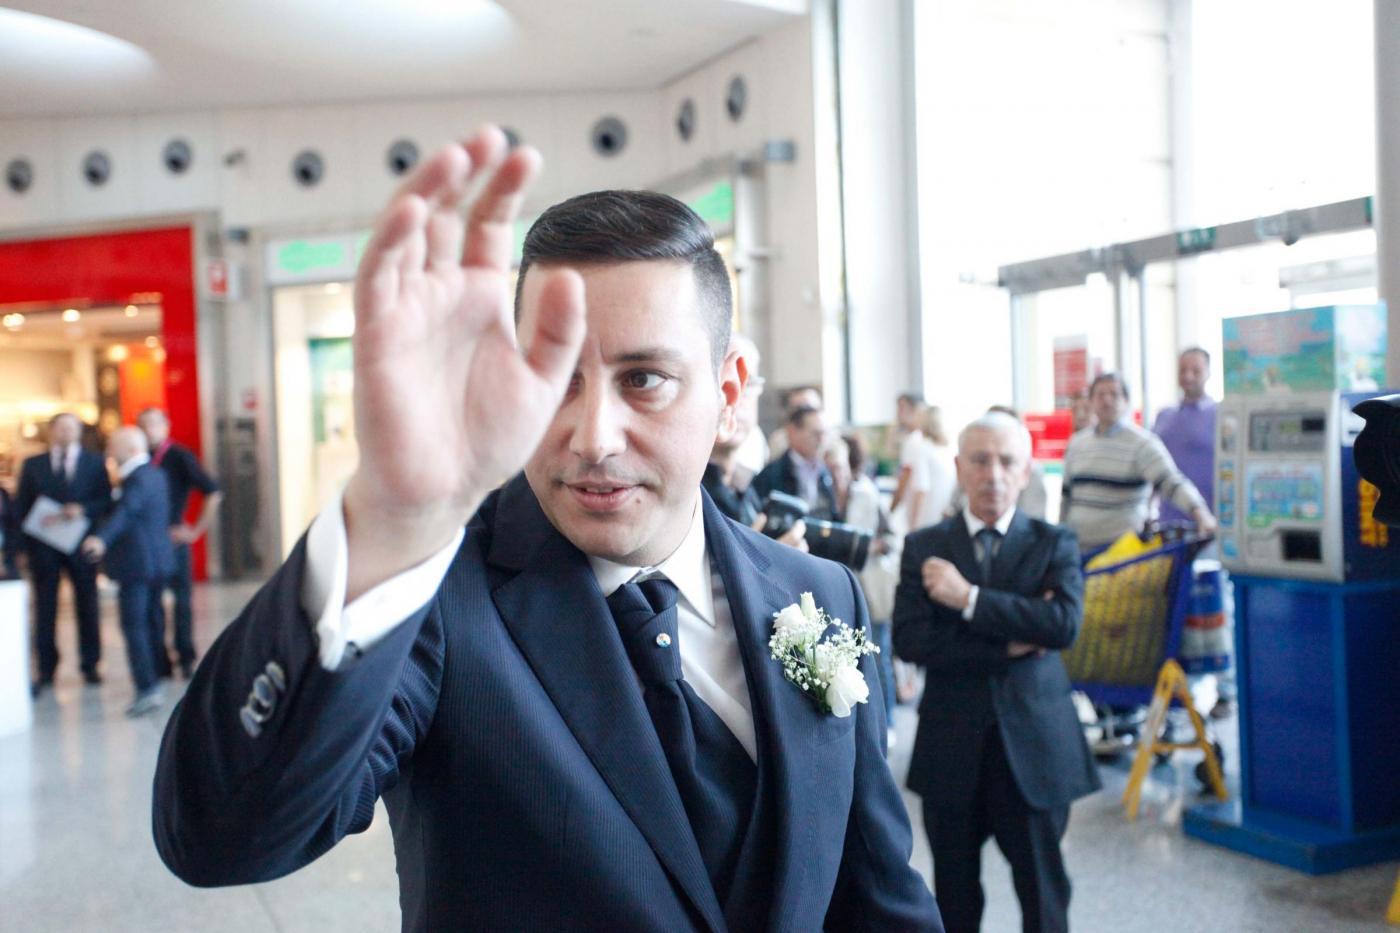 Si sposano nel centro commerciale del primo incontro: è la prima volta in Italia11